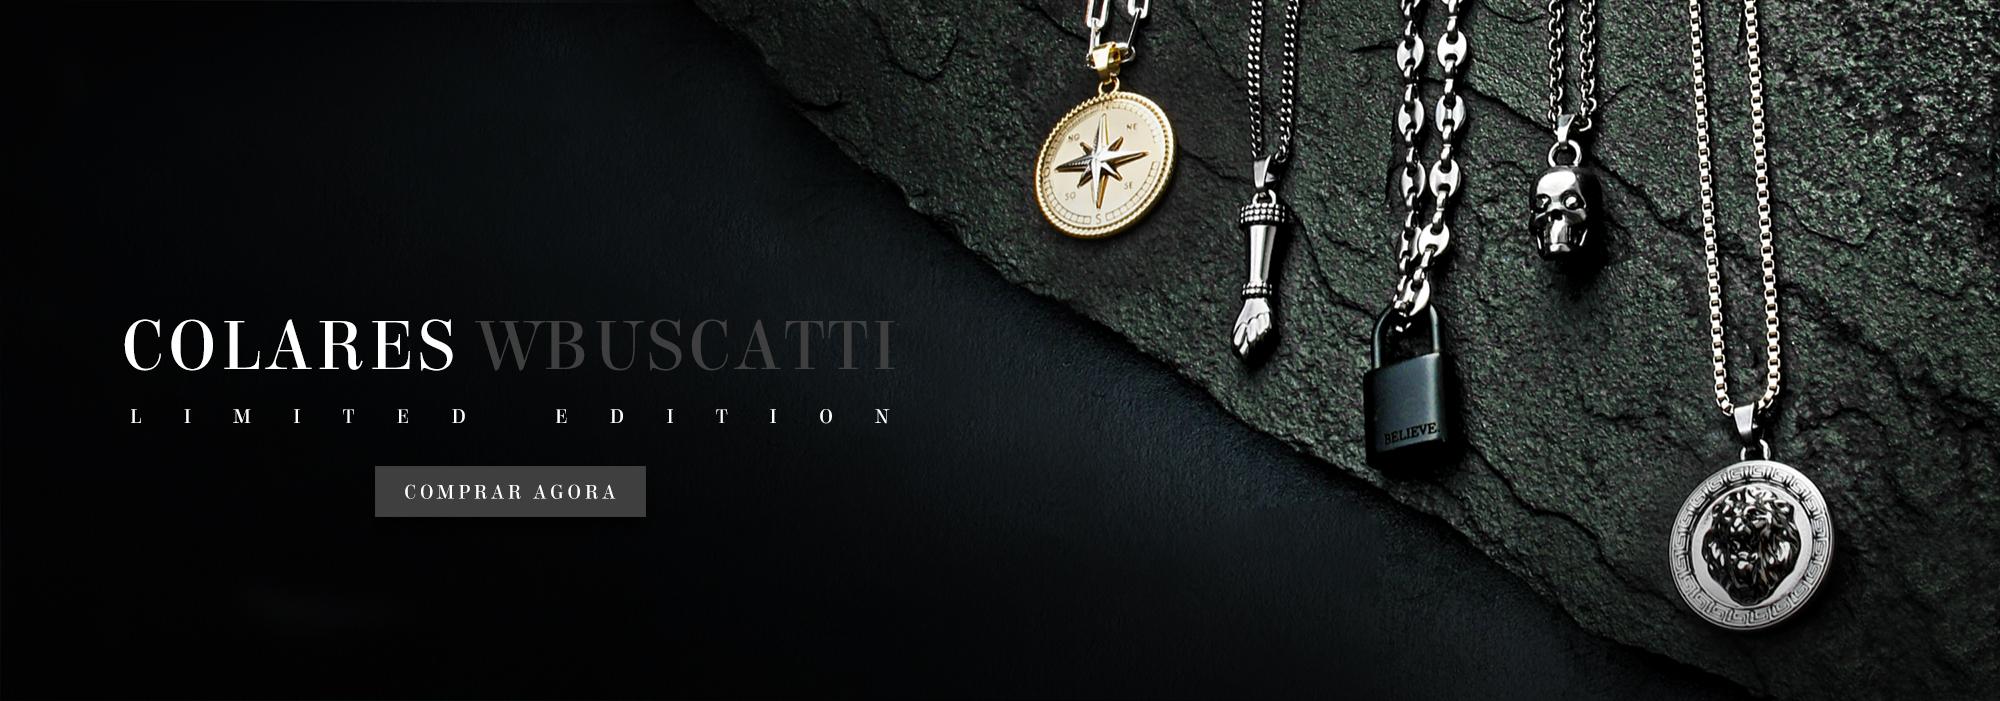 Colares de Luxo W.Buscatti